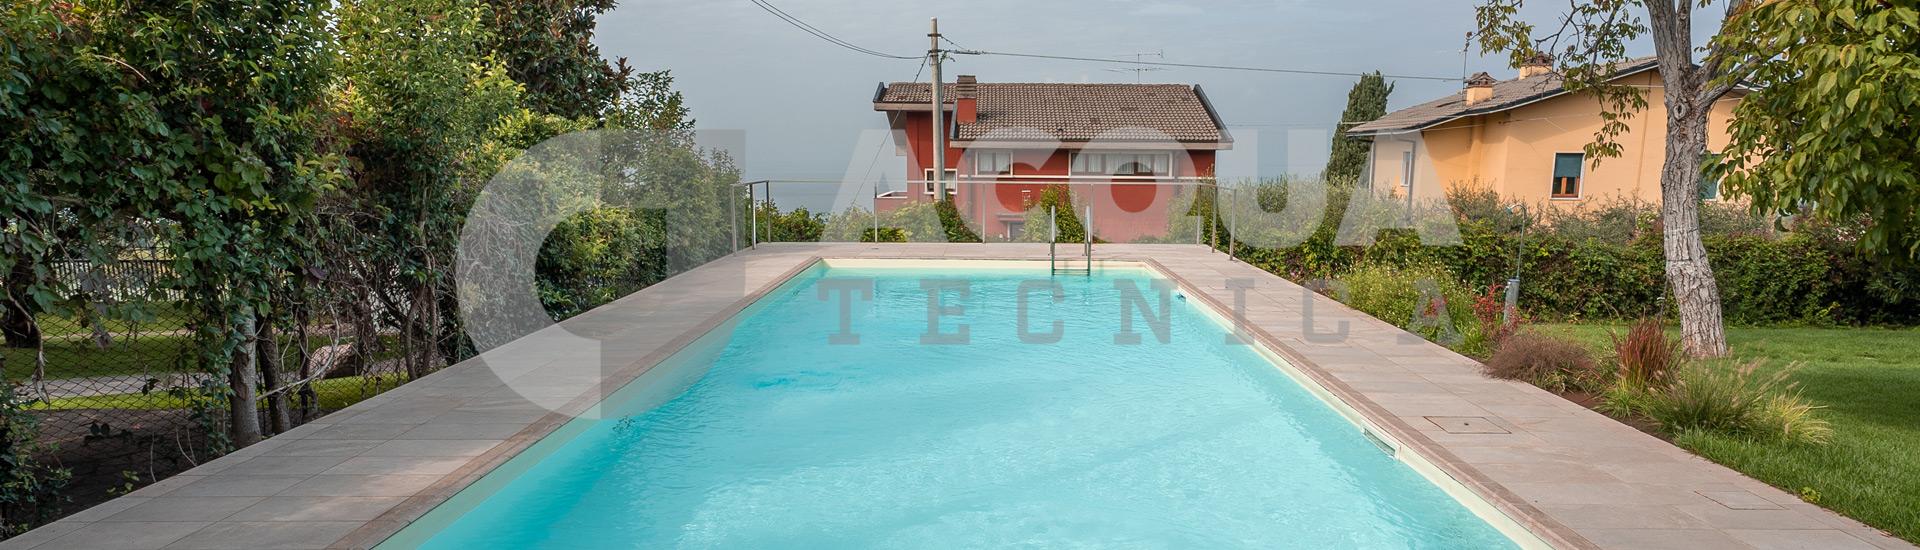 Ristrutturazione piscina a Bardolino